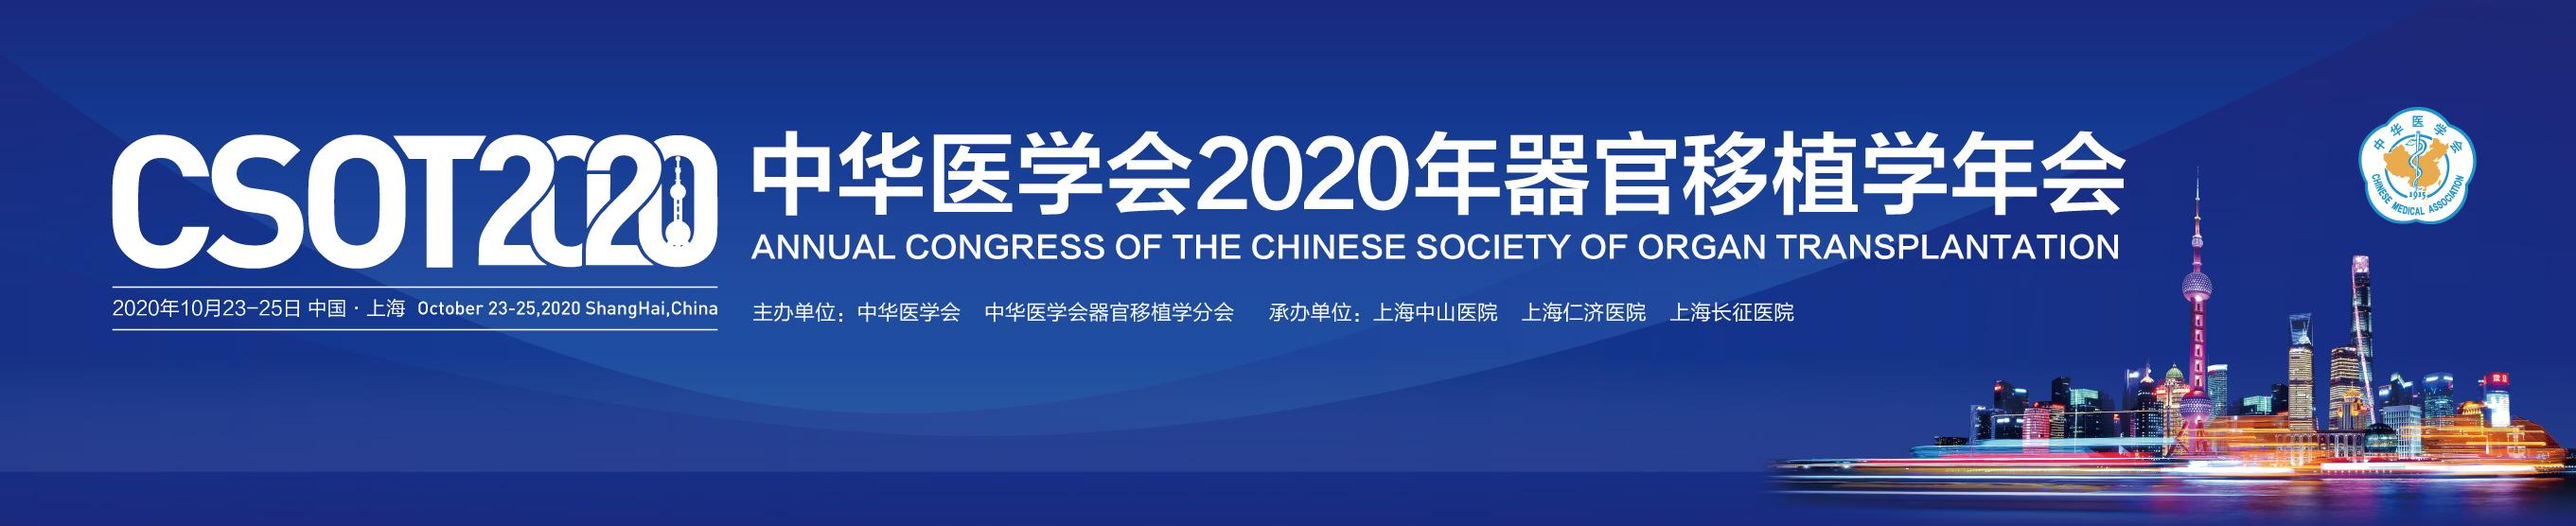 中华医学会2020年器官移植学年会